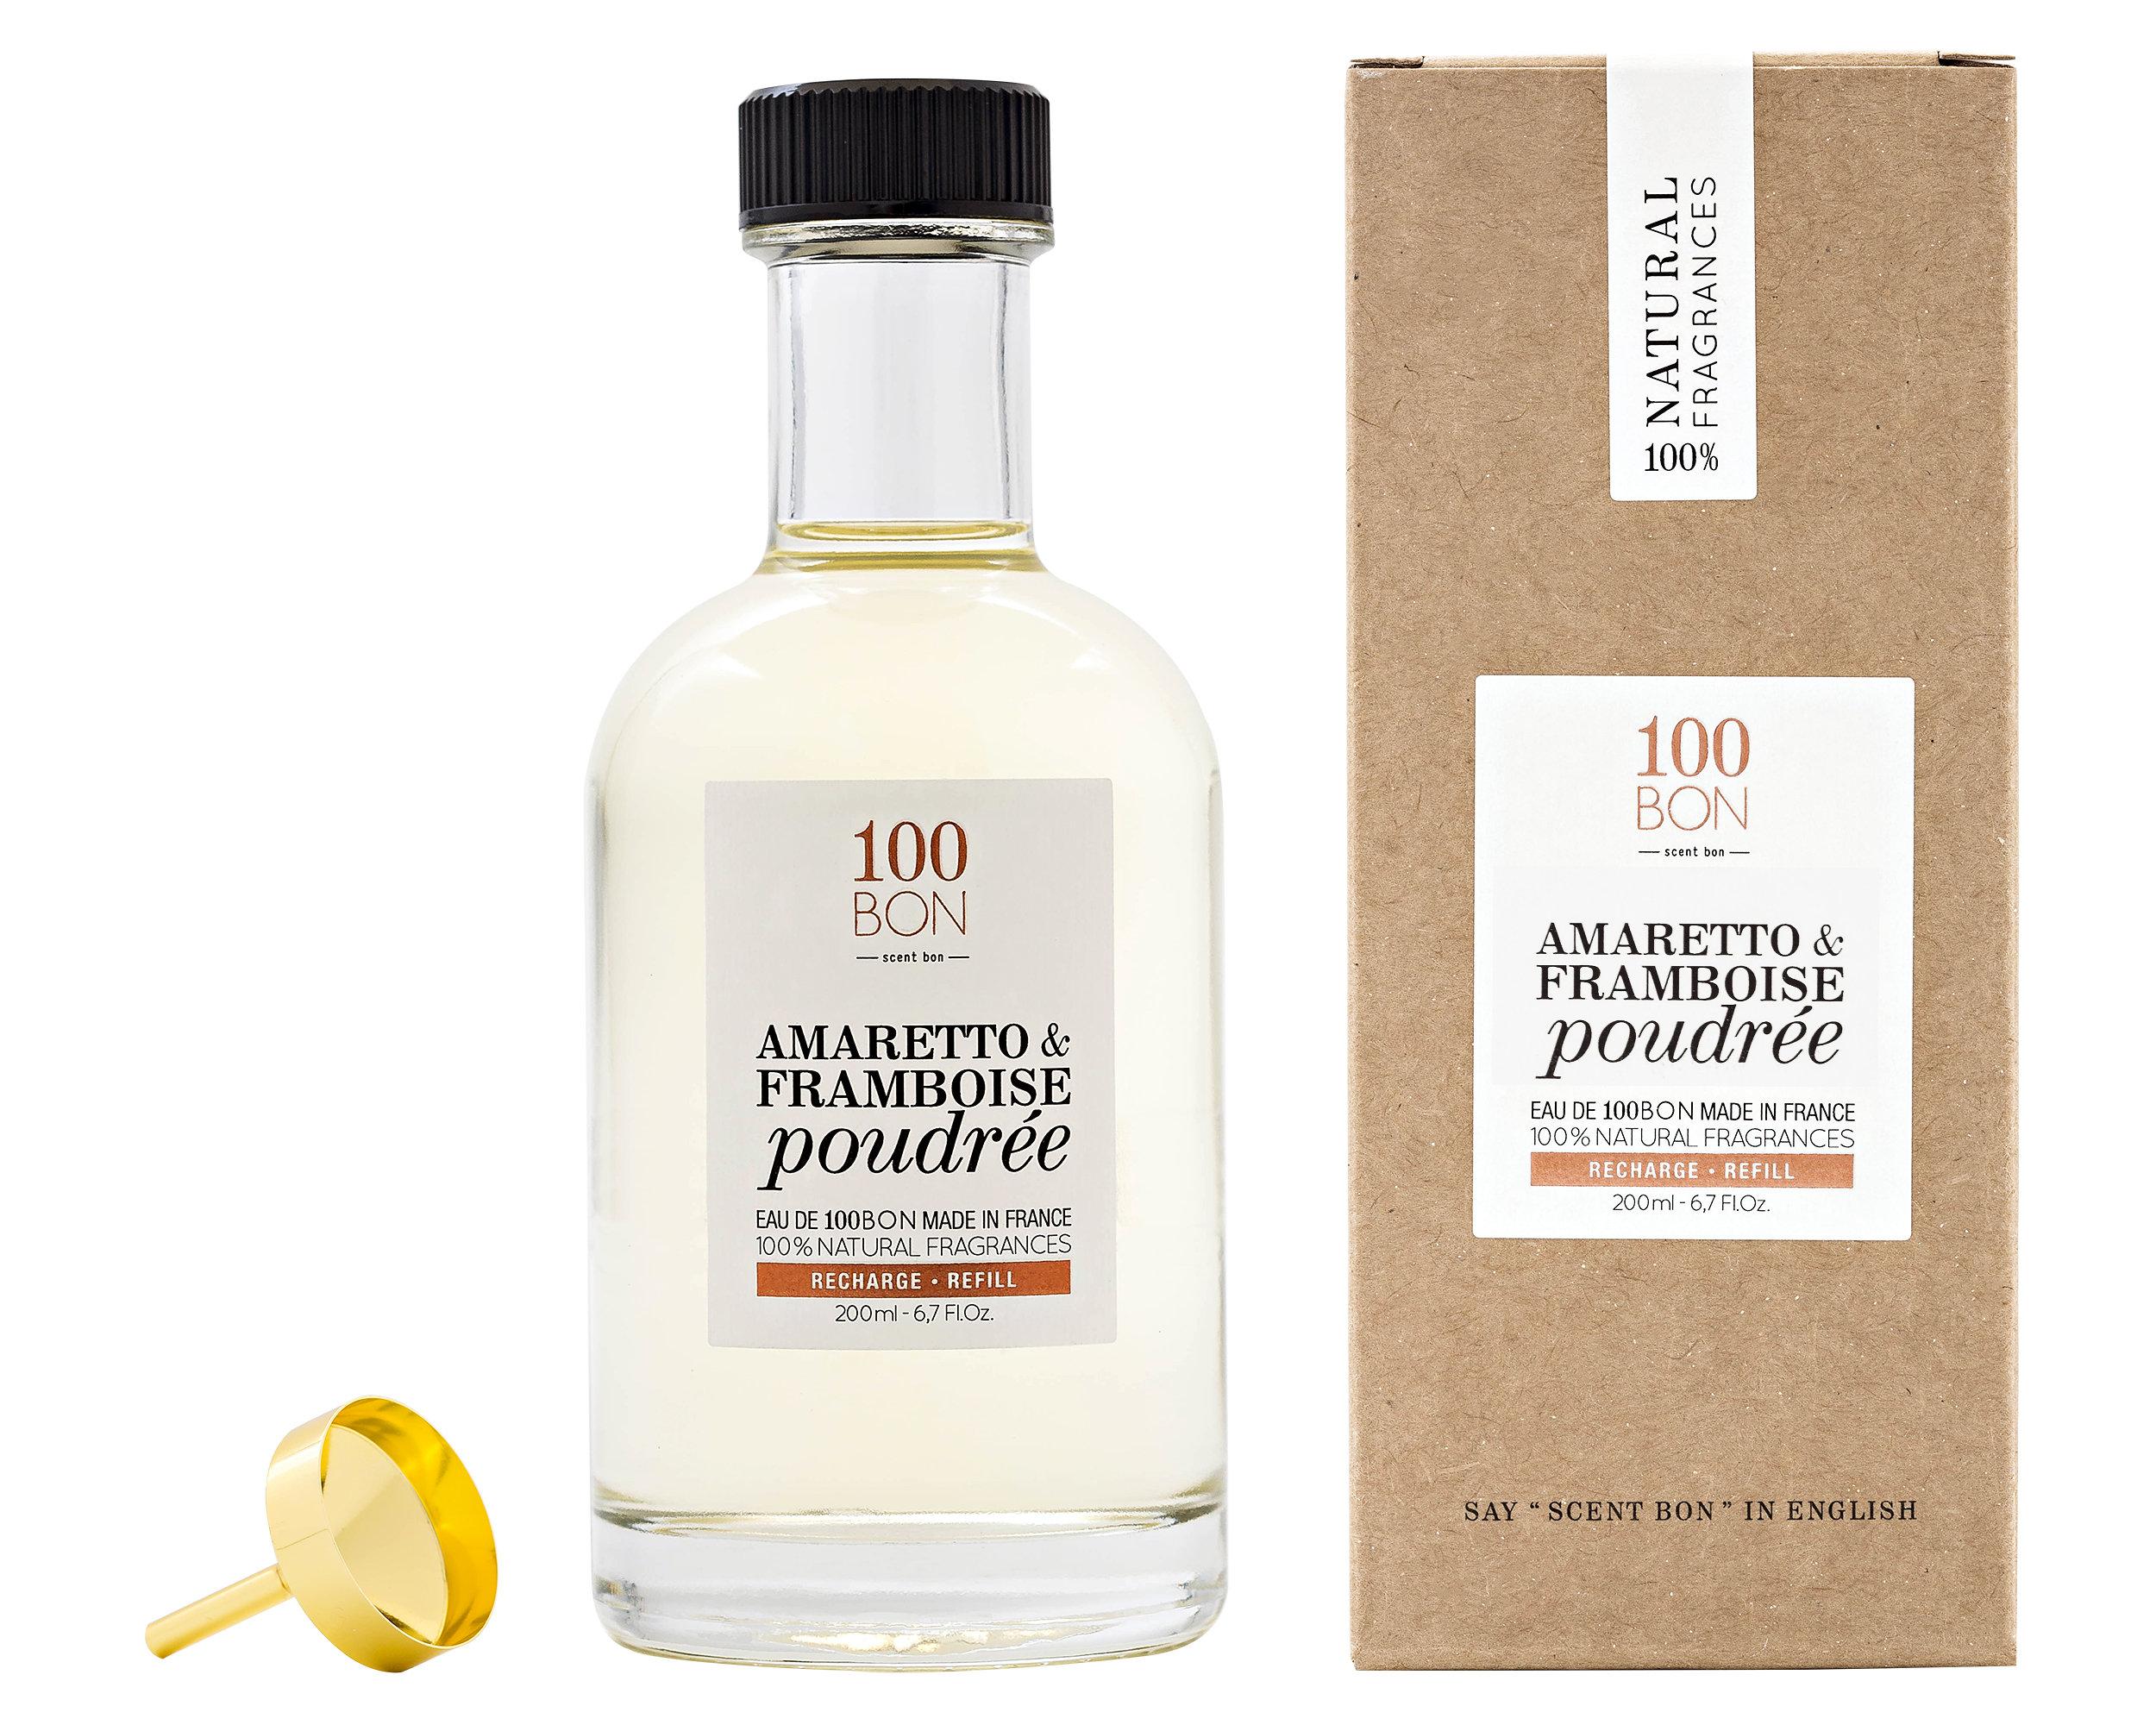 Amaretto & Framboise Poudrée EdP 200ml